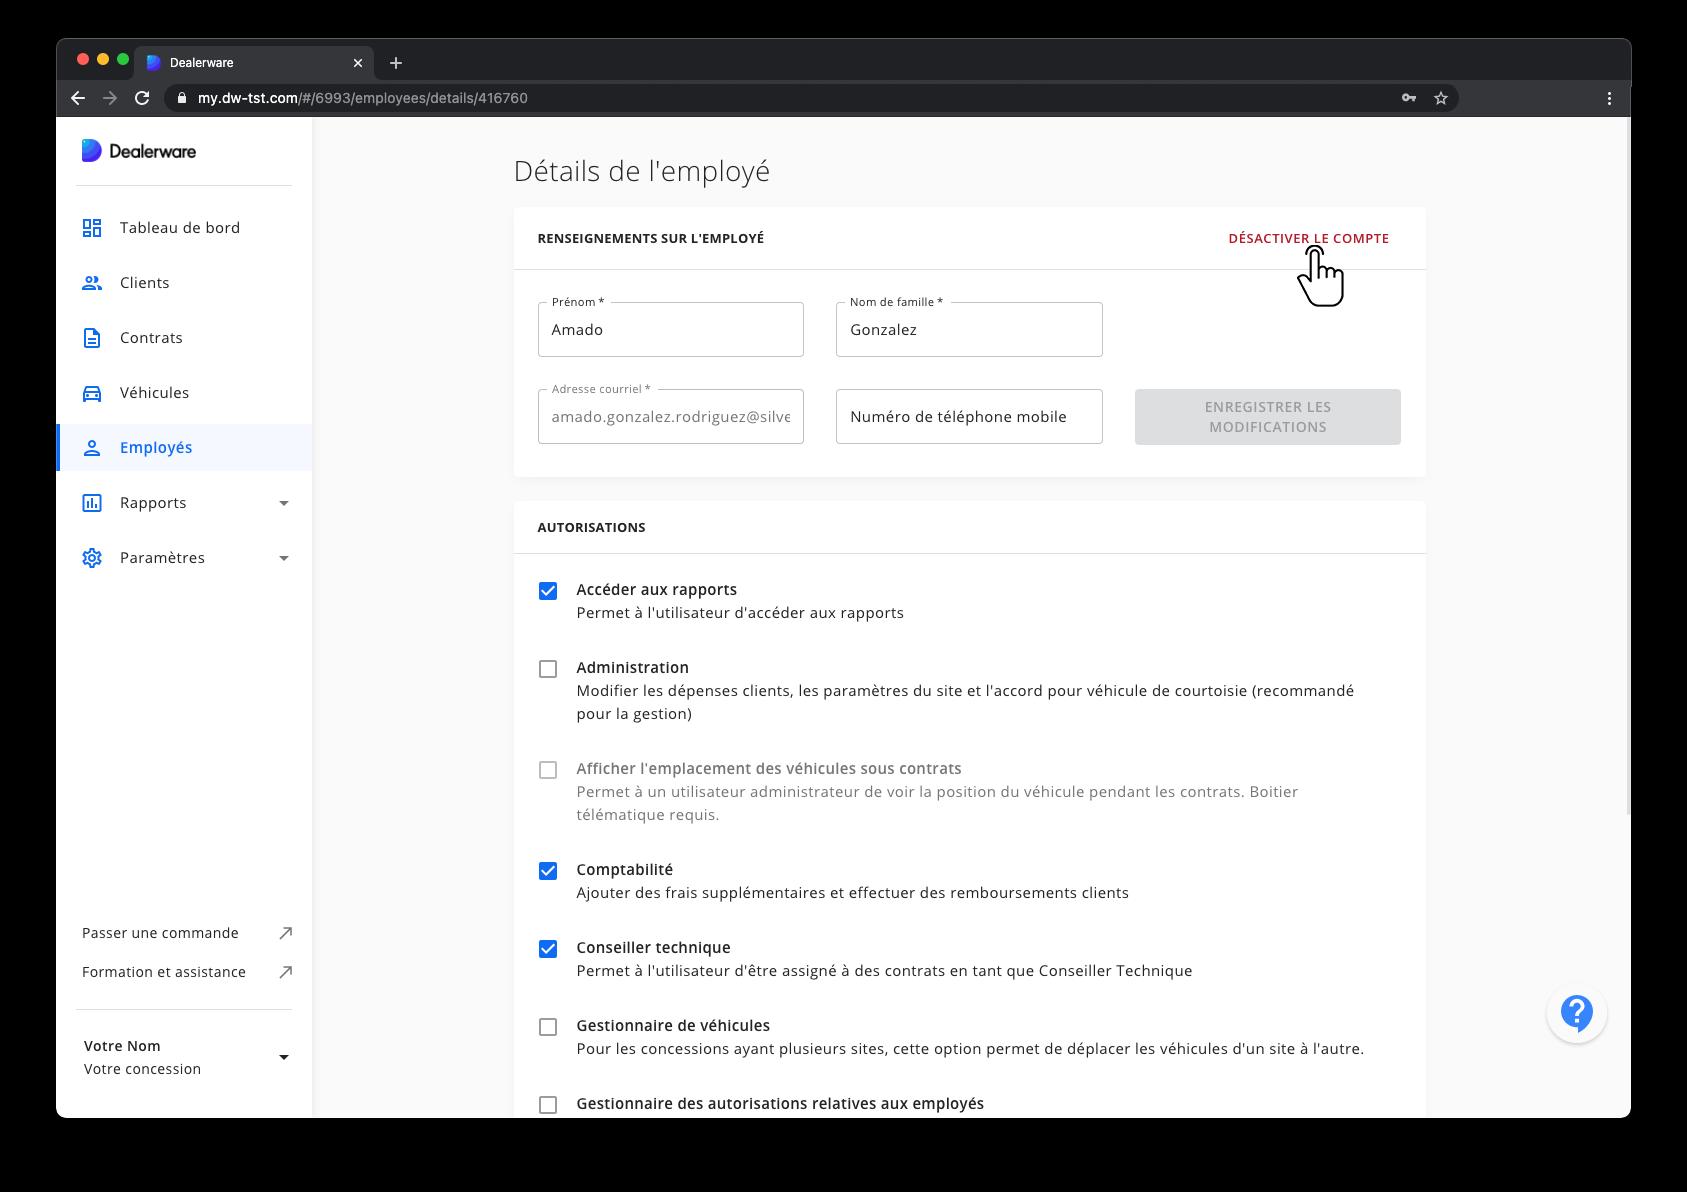 Image1: Écran Informations de l'employé et menu principal de Dealerware, icône de doigt positionnée sur le bouton Désactiver le compte